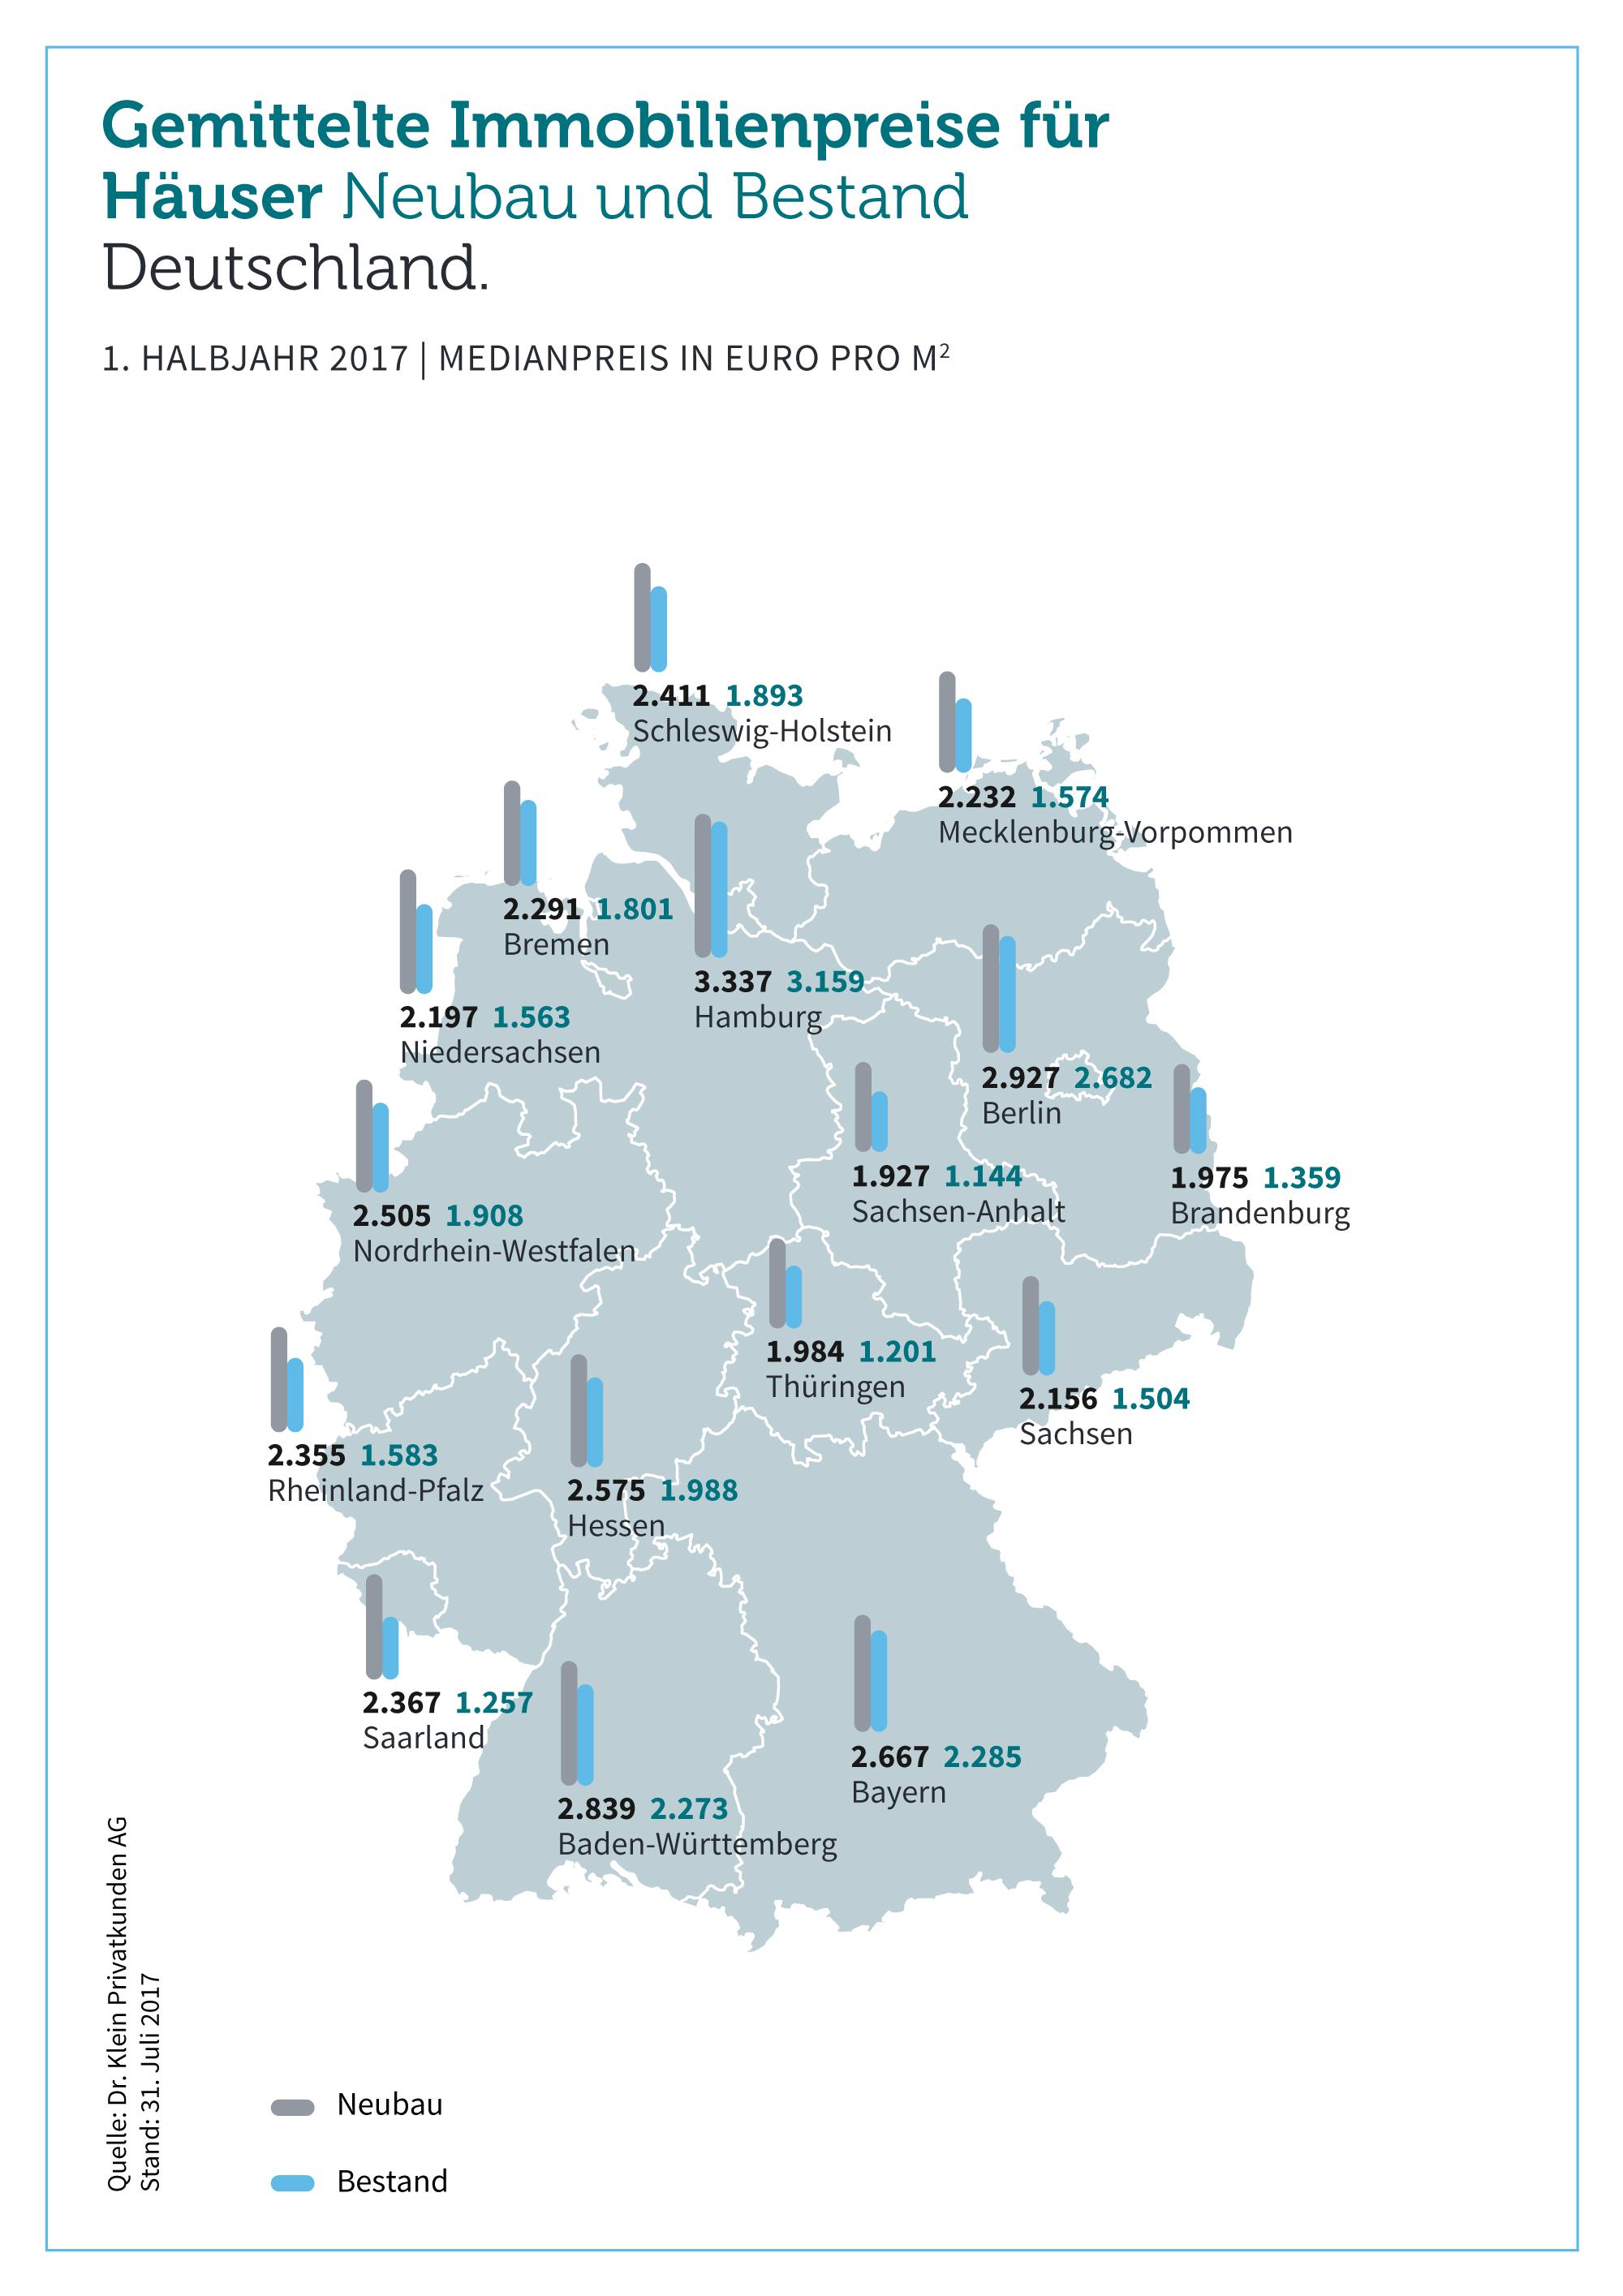 8f149dc68f6c39d1 Org in Bundesweiter Preisvergleich: Bestand versus Neubau